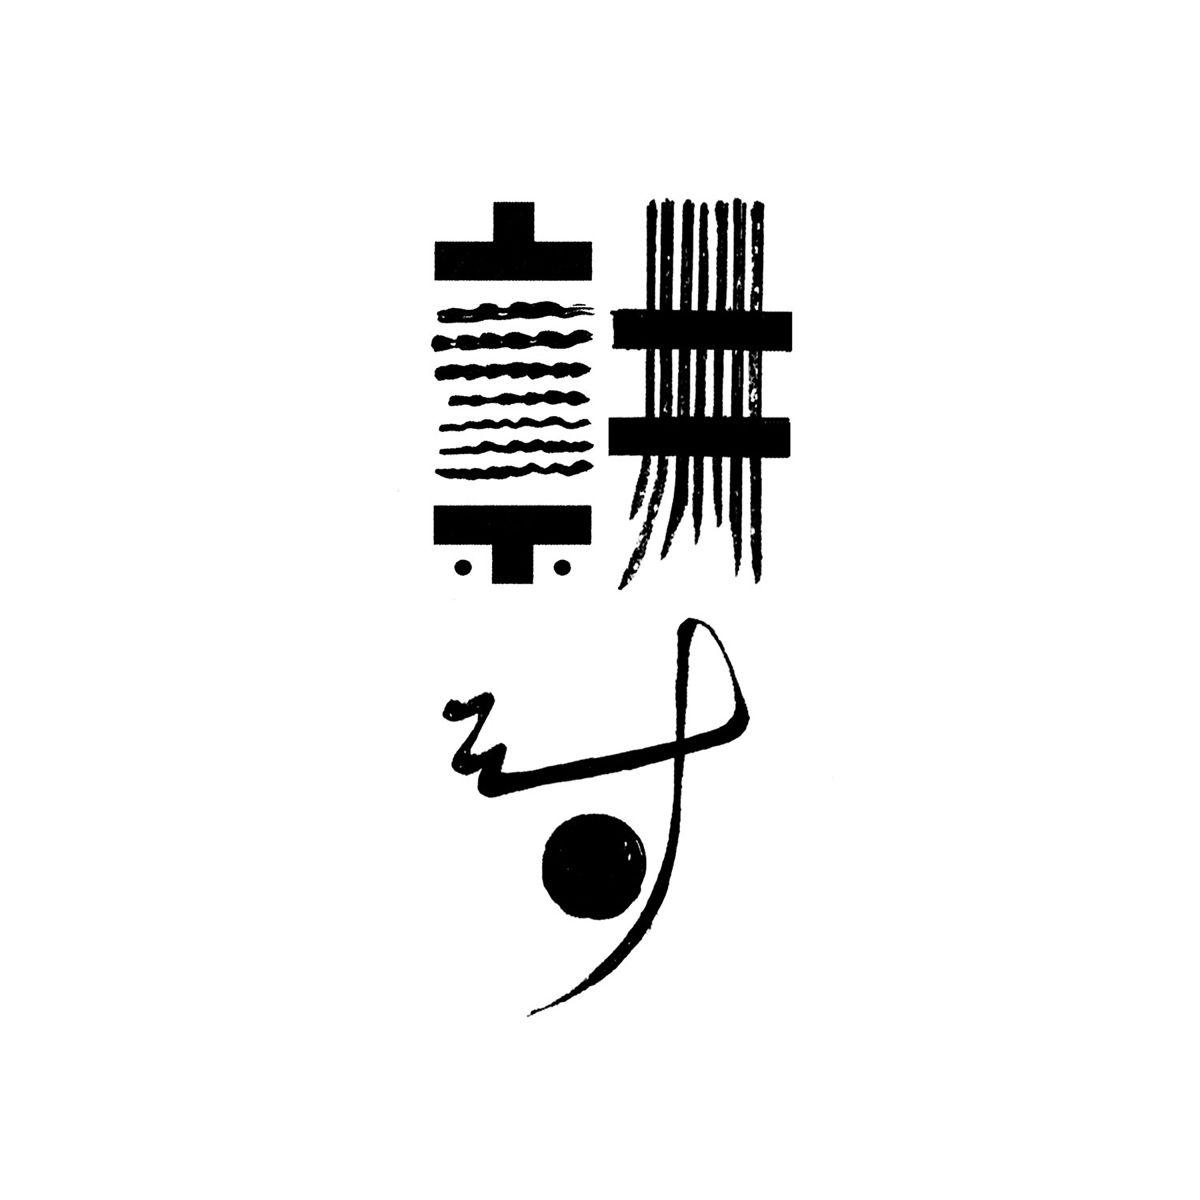 ボード 文字 のピン